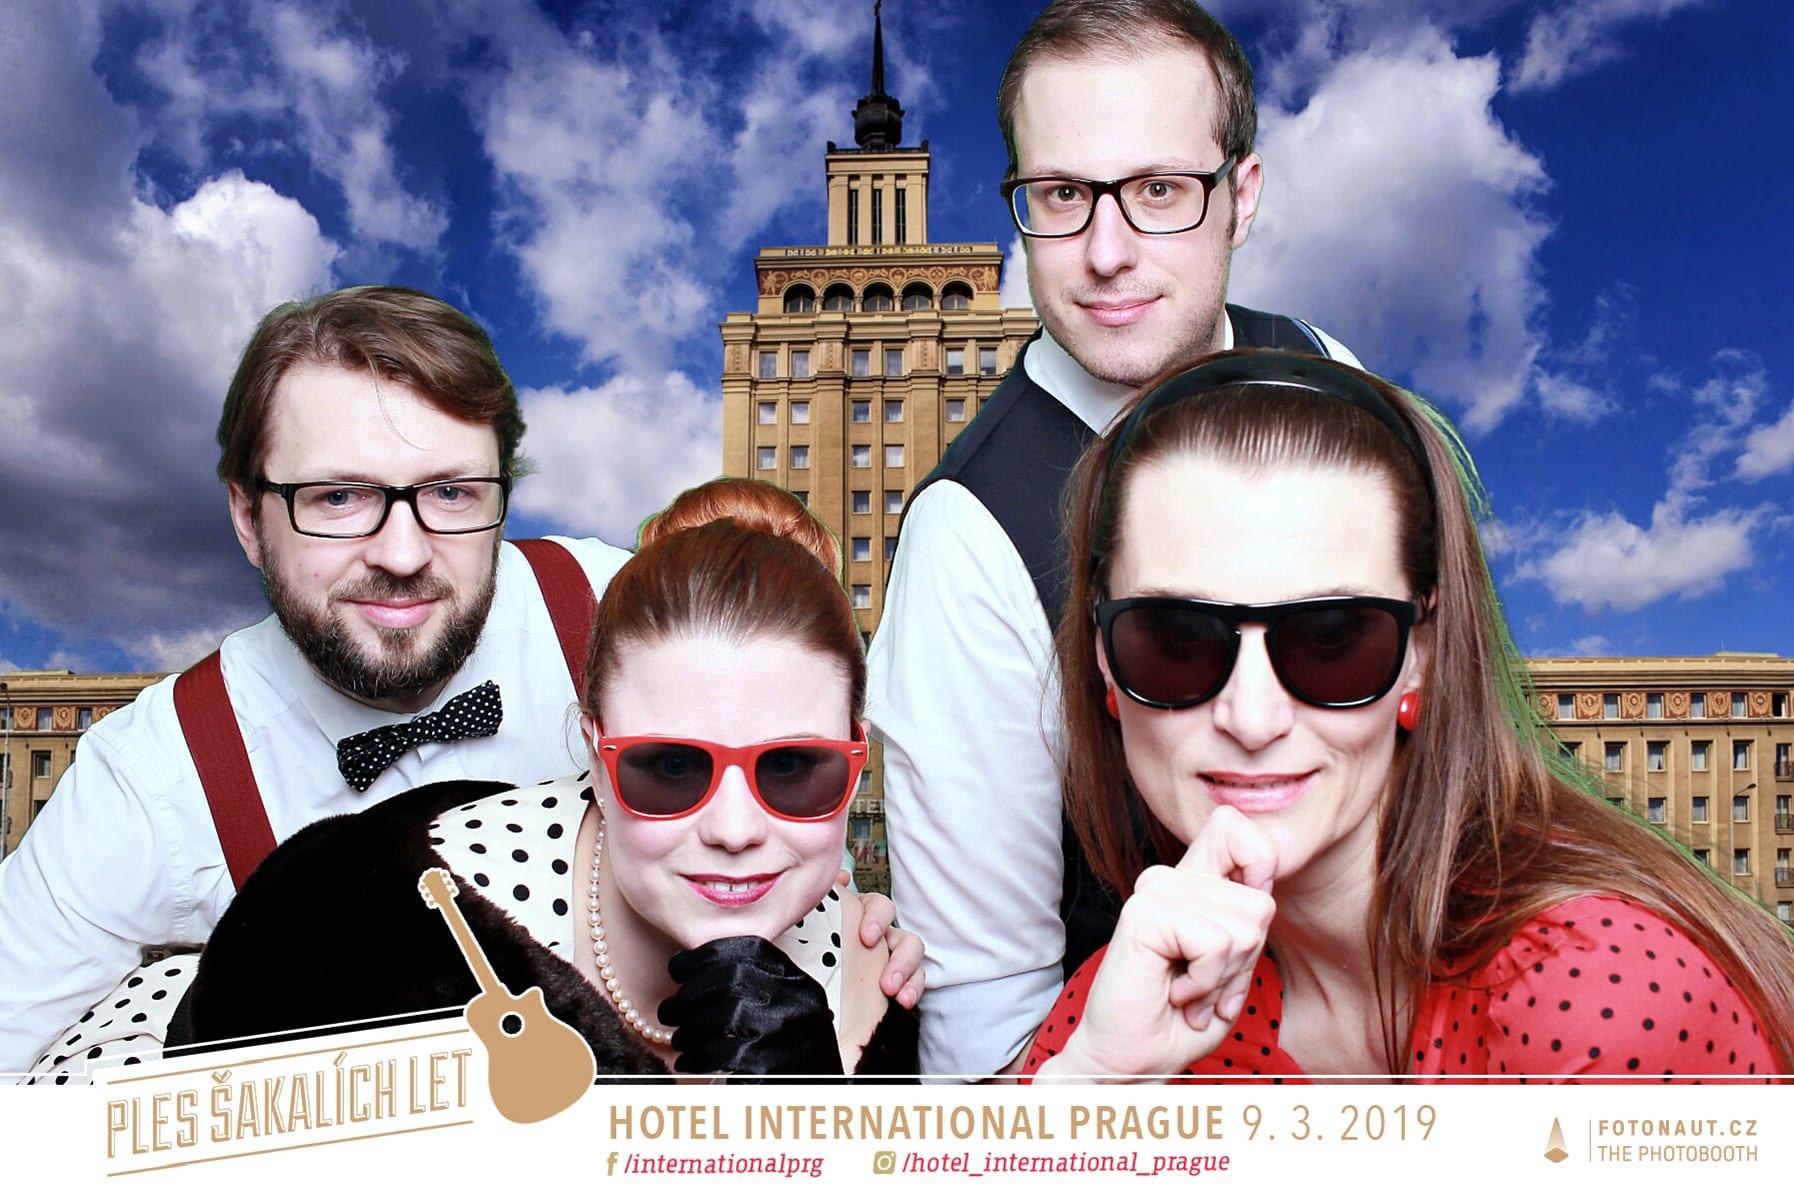 fotokoutek-ples-praha-ples-sakalich-let-9-3-2019-588169